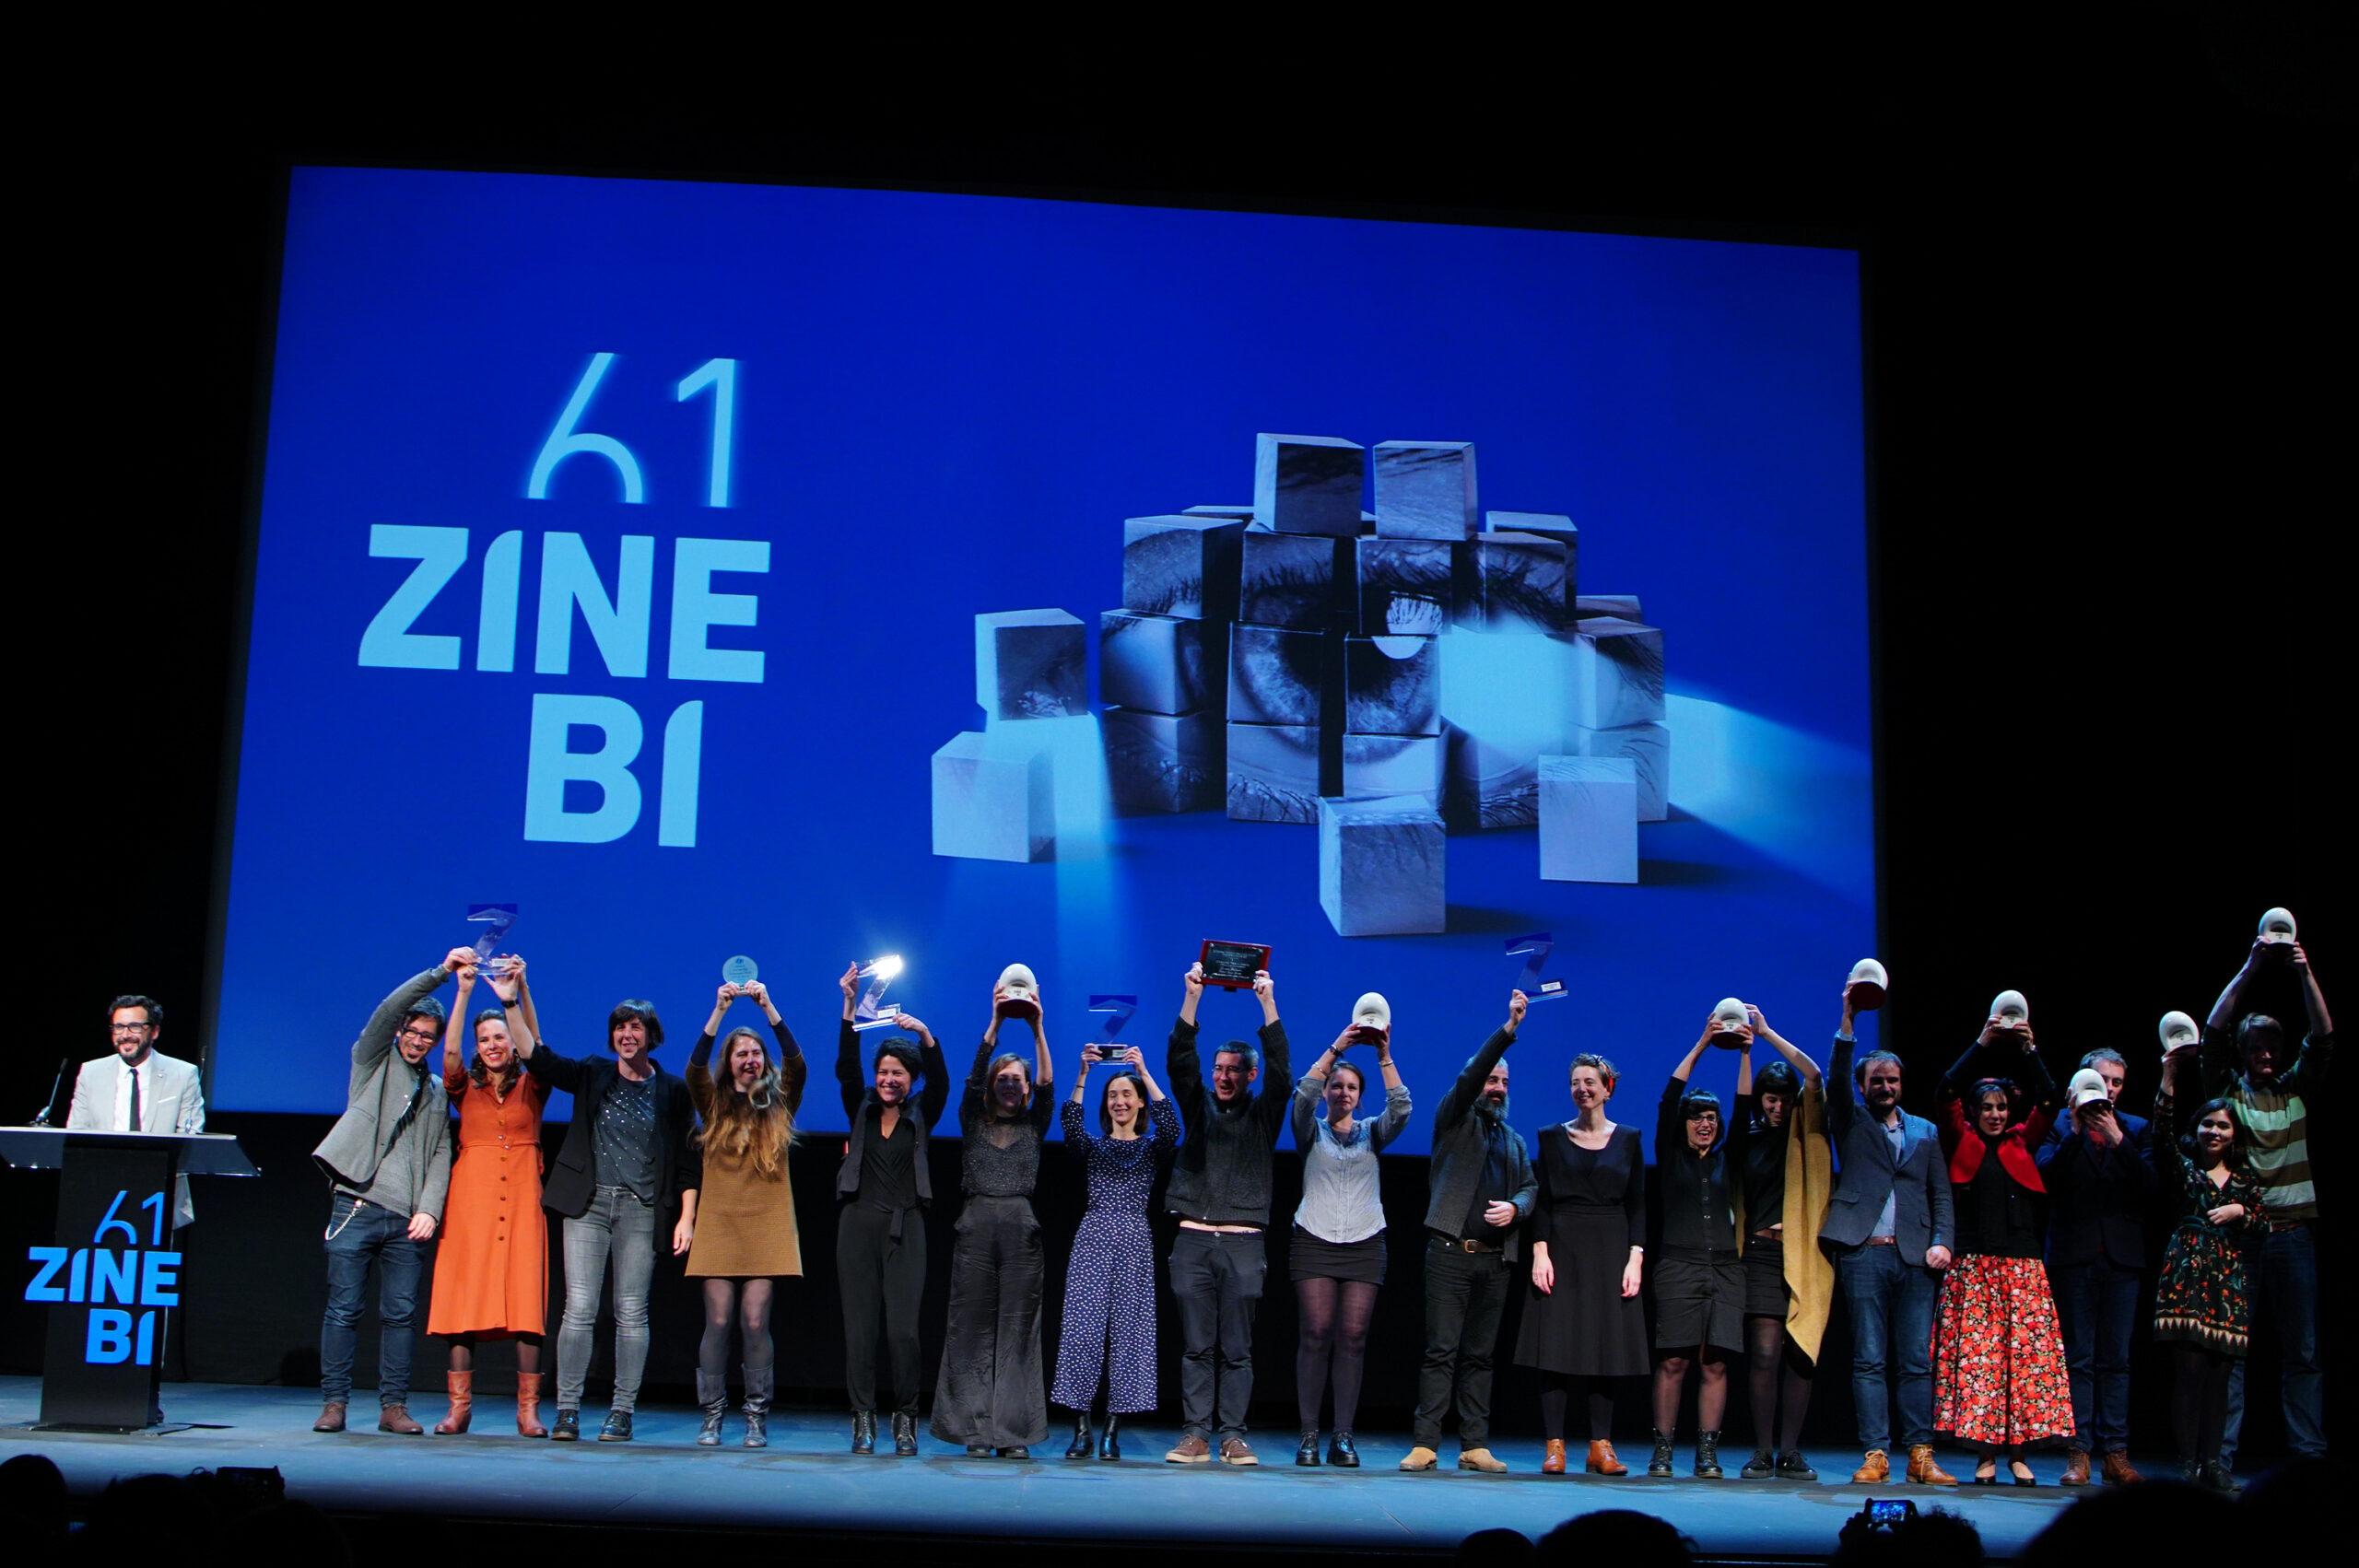 Convocatoria para el ZINEBI, que se realizará del 13 al 20 de noviembre